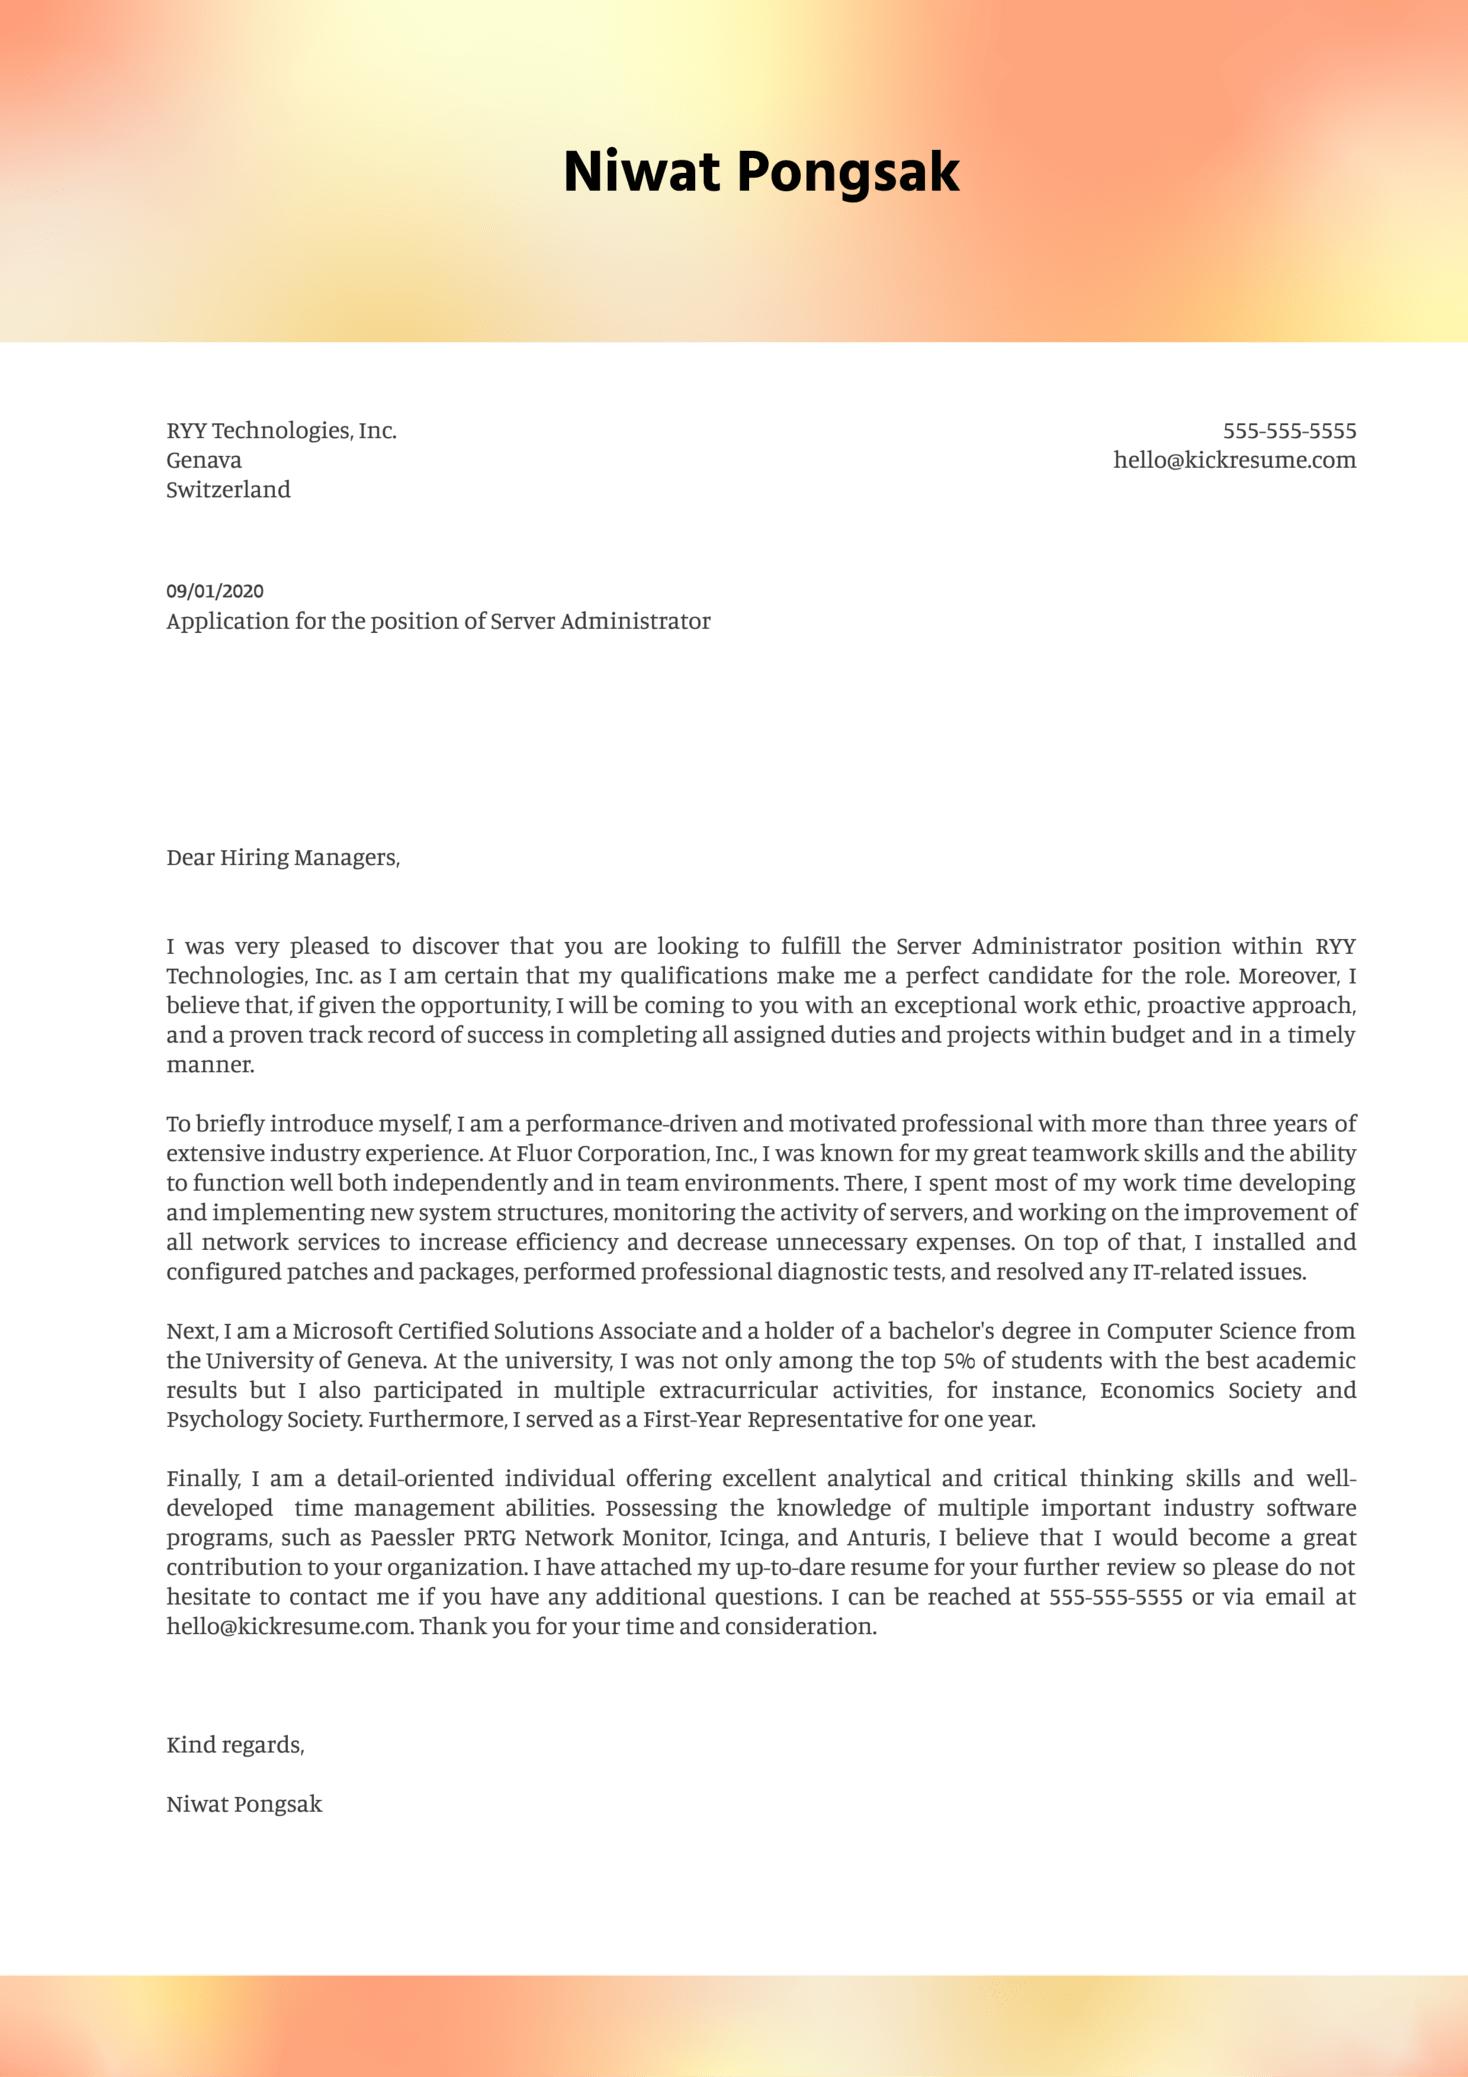 Server Administrator Cover Letter Sample